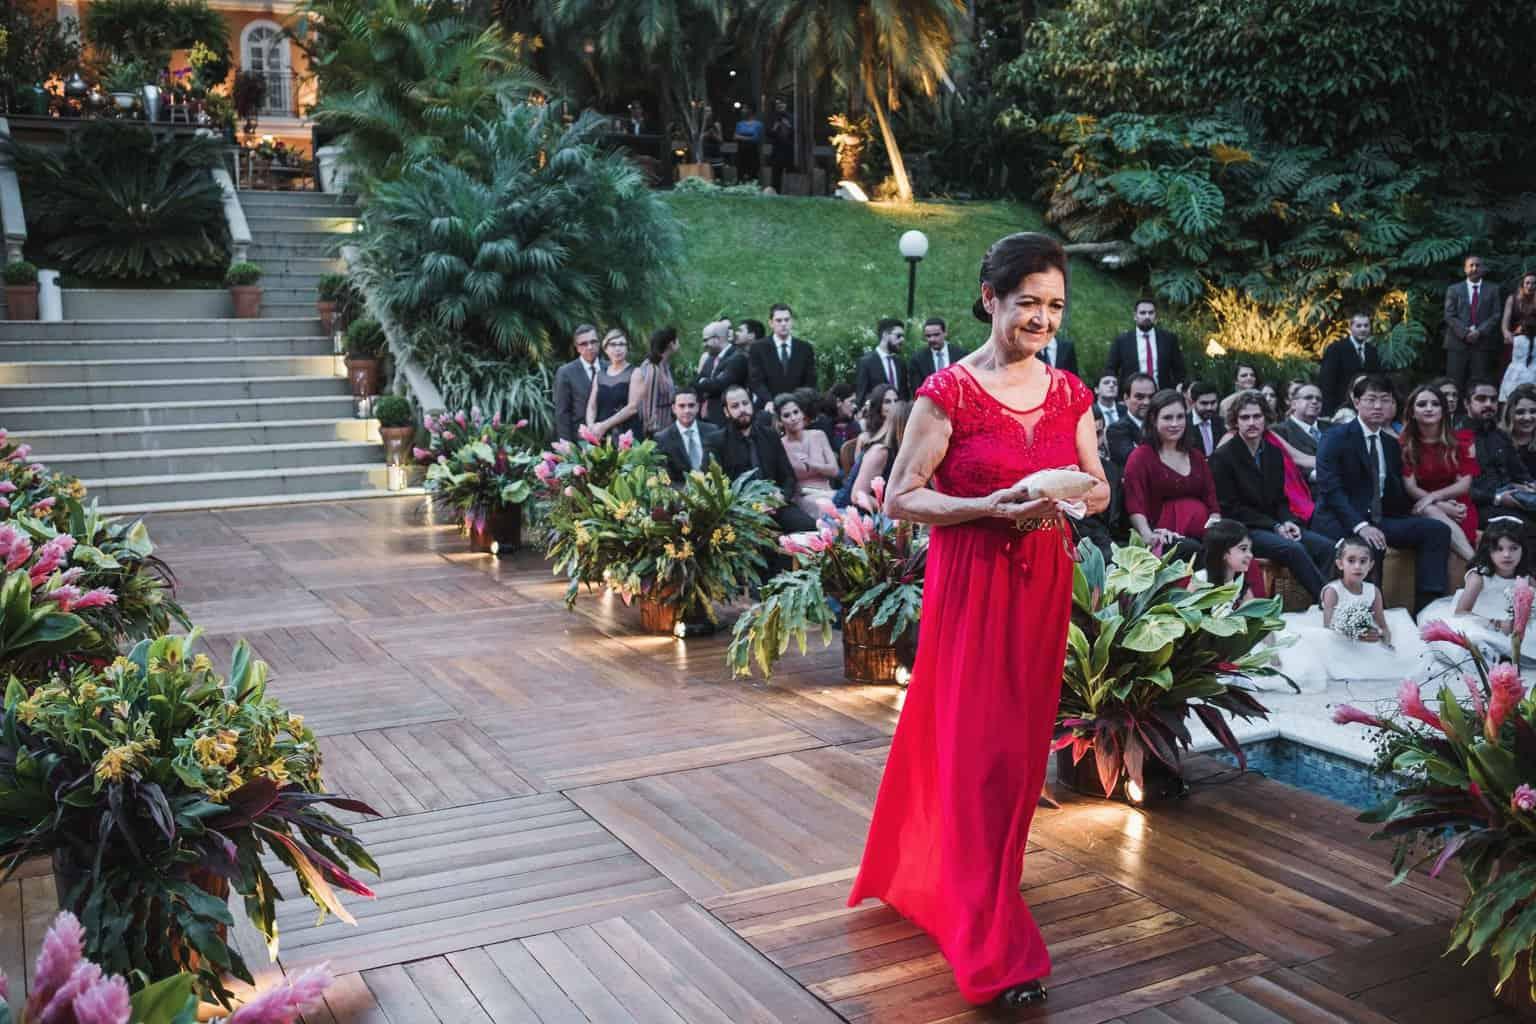 alianças-casamento-na-serra-cerimonia-ao-ar-livre-Fotografia-Renata-Xavier-Les-Amies-Cerimonial-Locanda-Della-Mimosa-Natalia-e-Bruno420